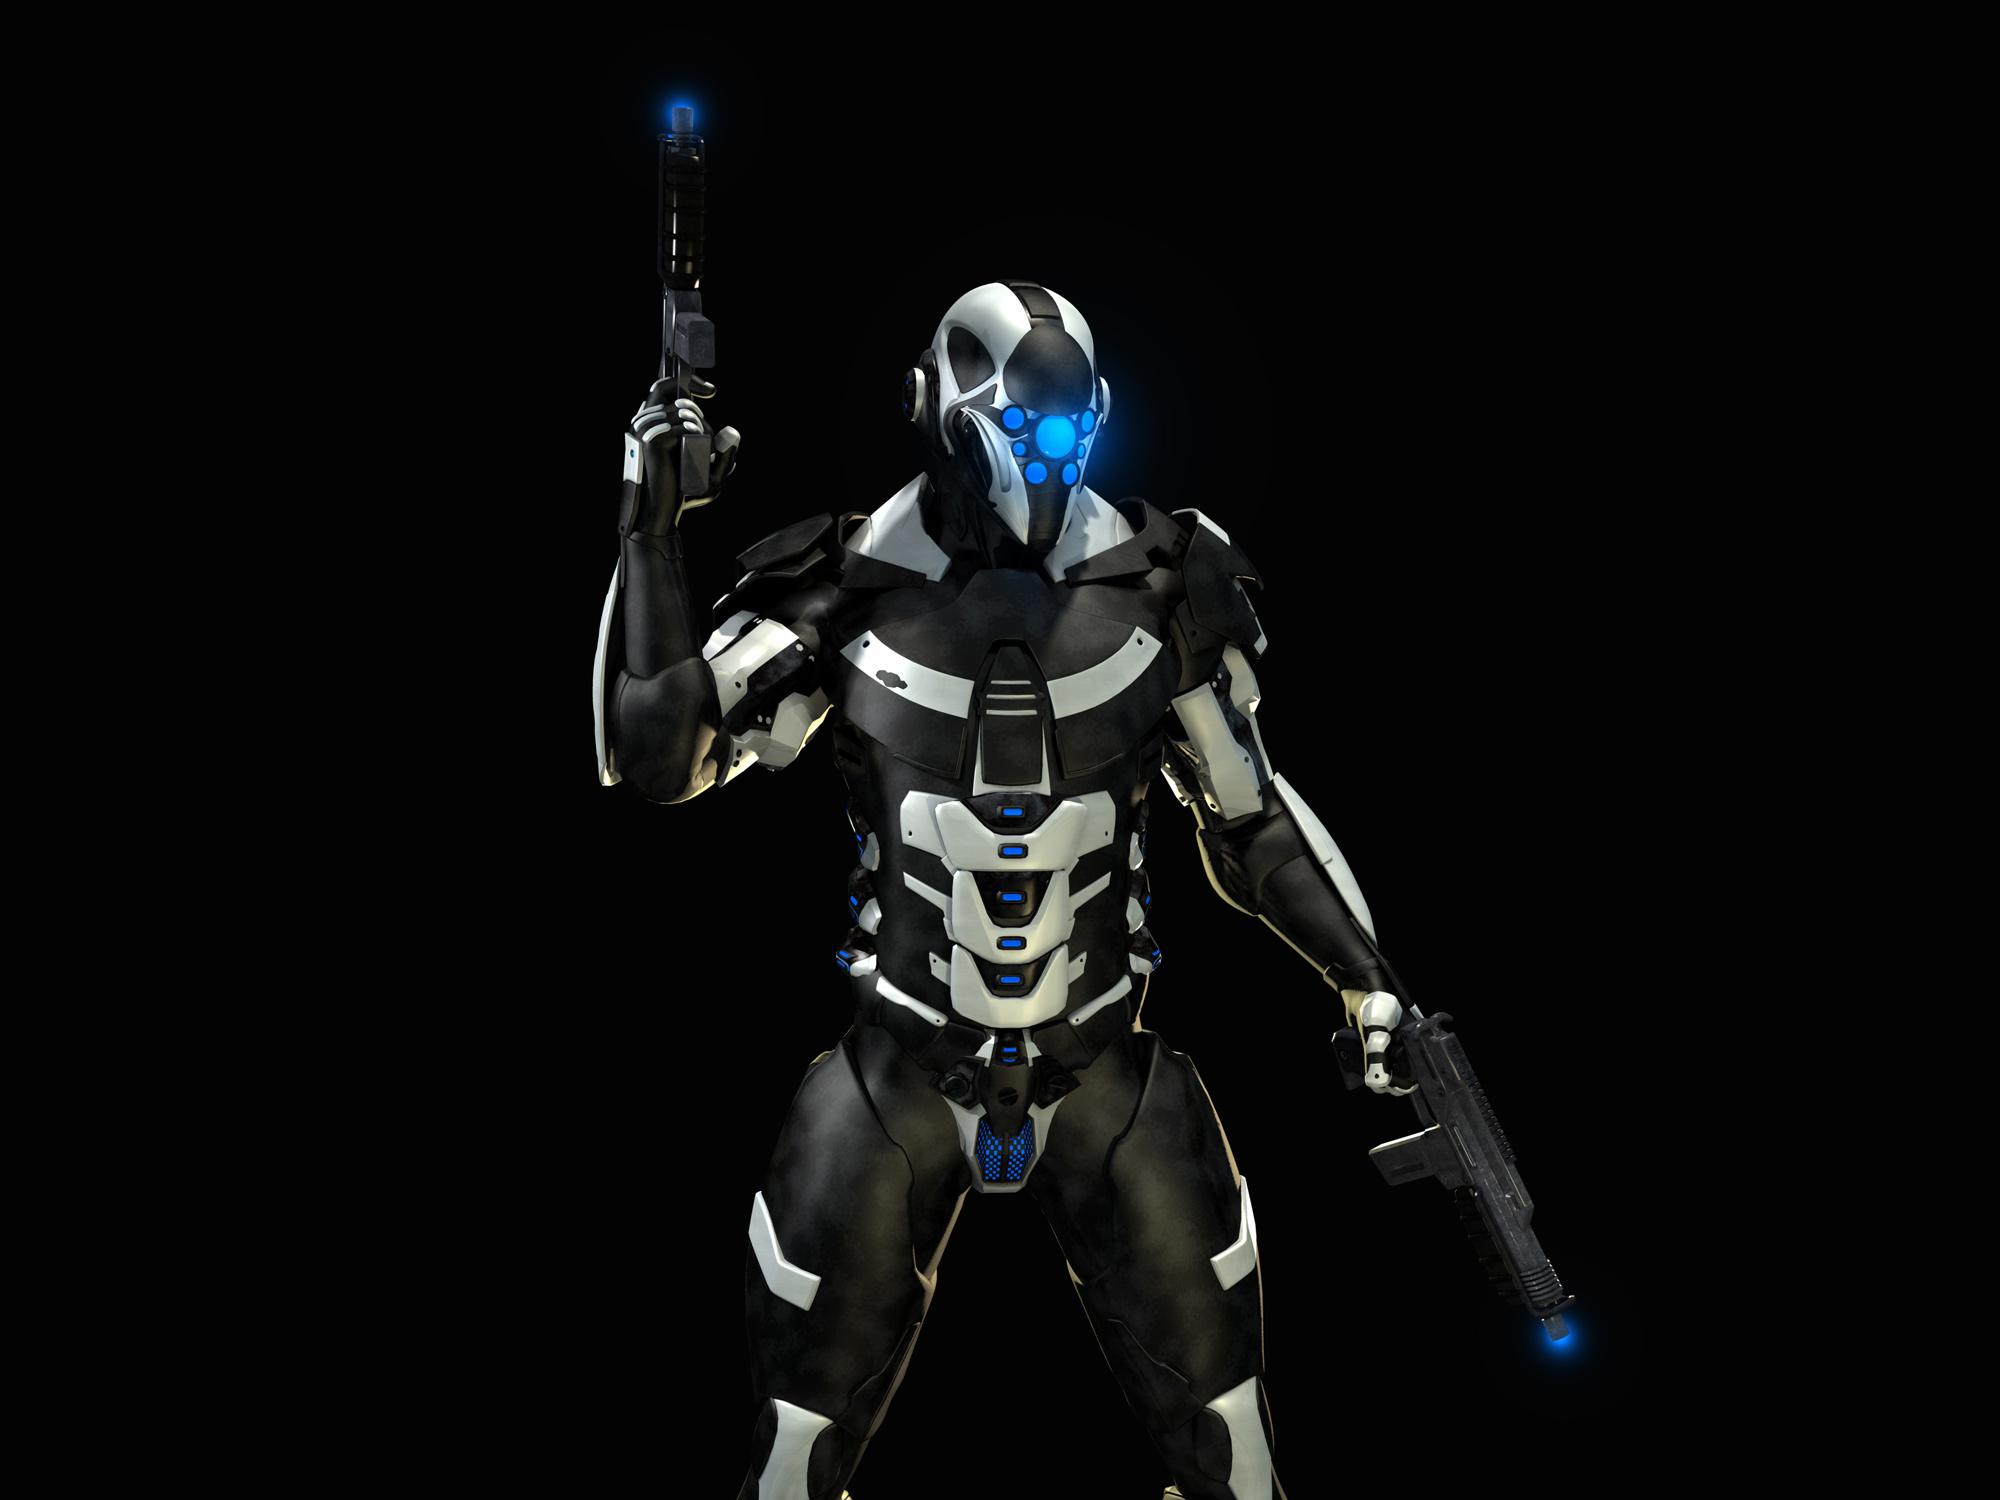 Soldier Robot